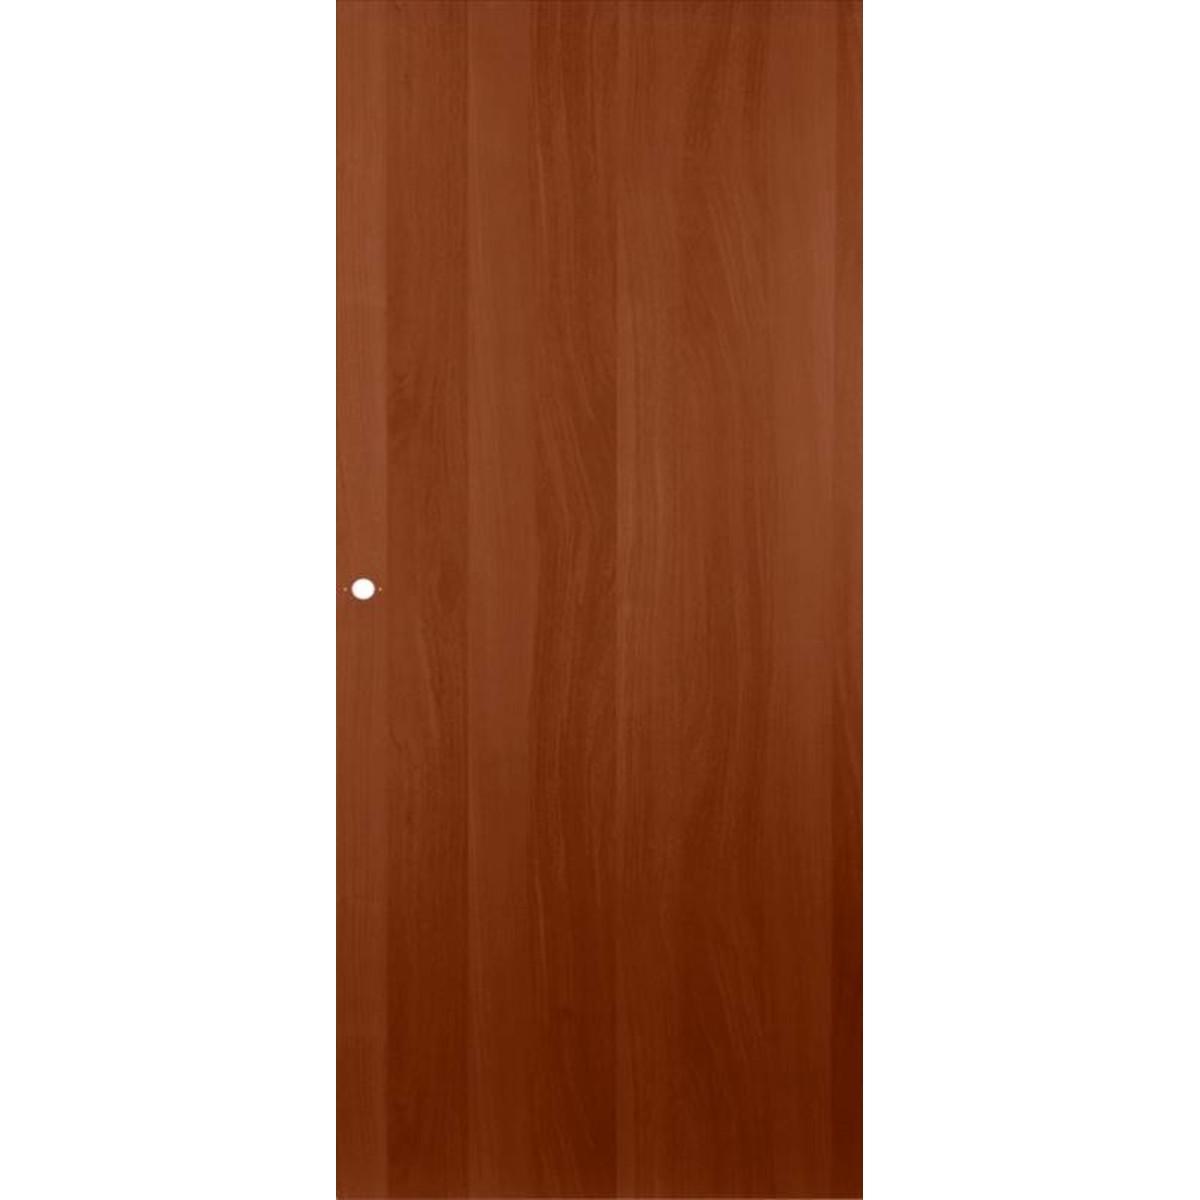 Дверь Межкомнатная Глухая Ламинированная 80x200 Цвет Итальянский Орех